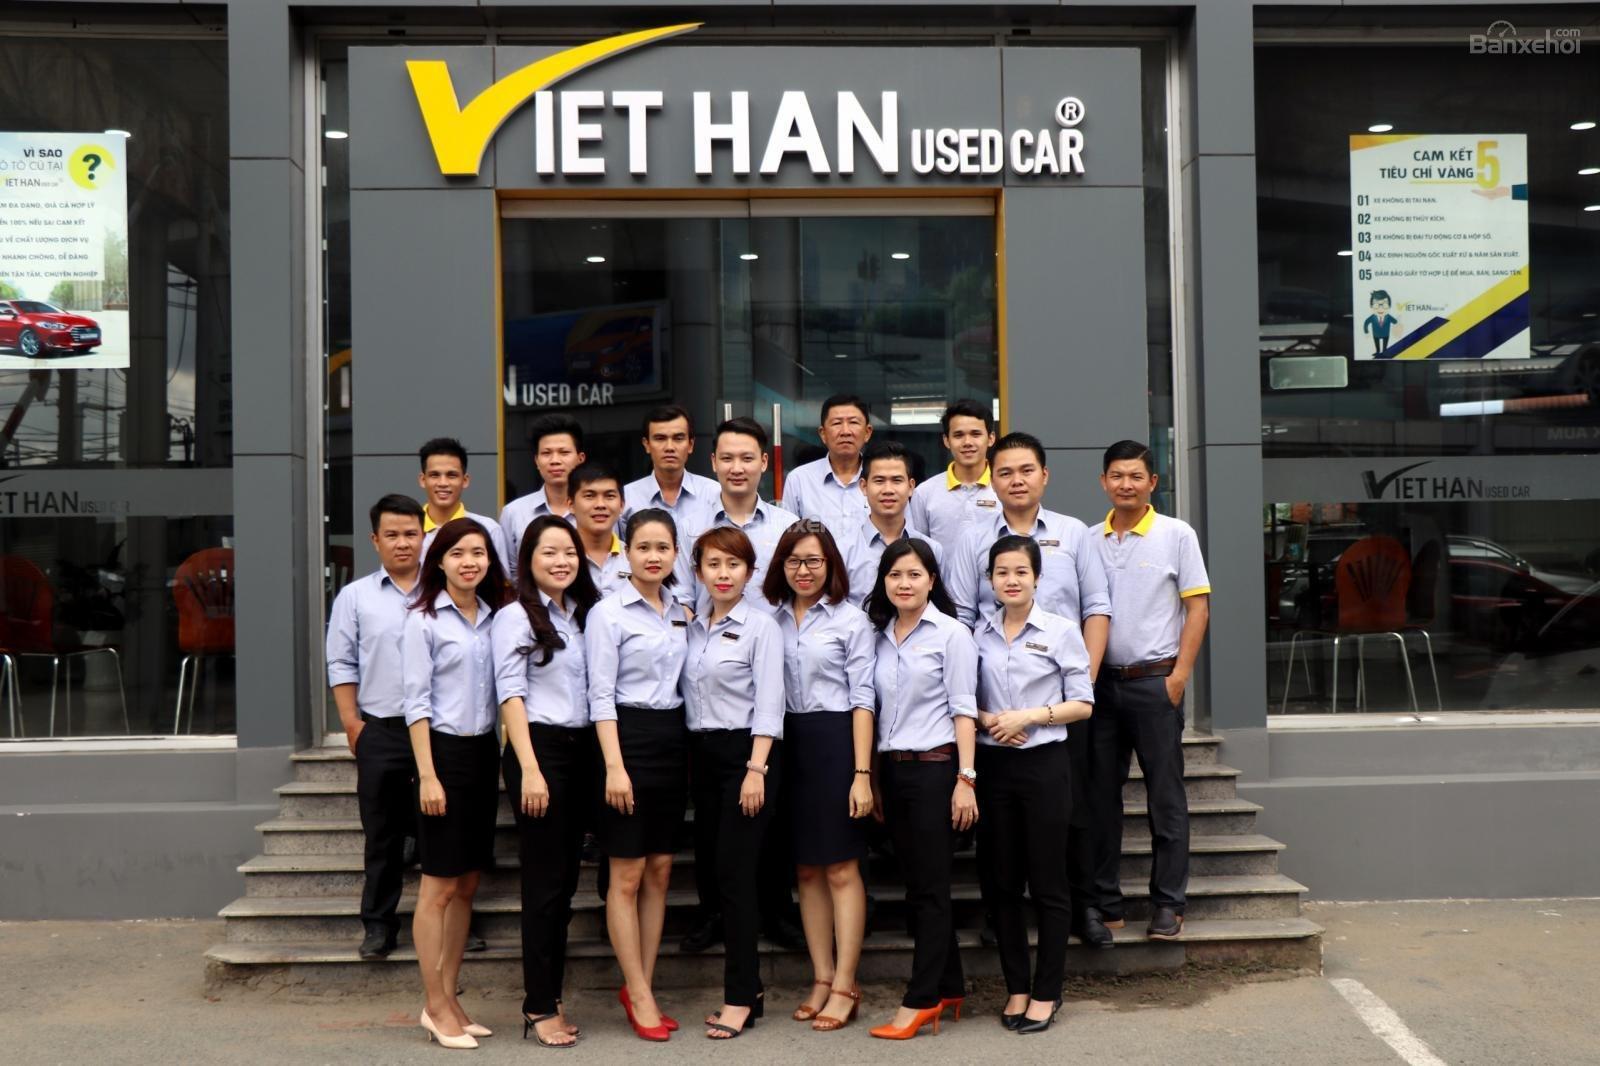 Việt Hàn Used Car (4)